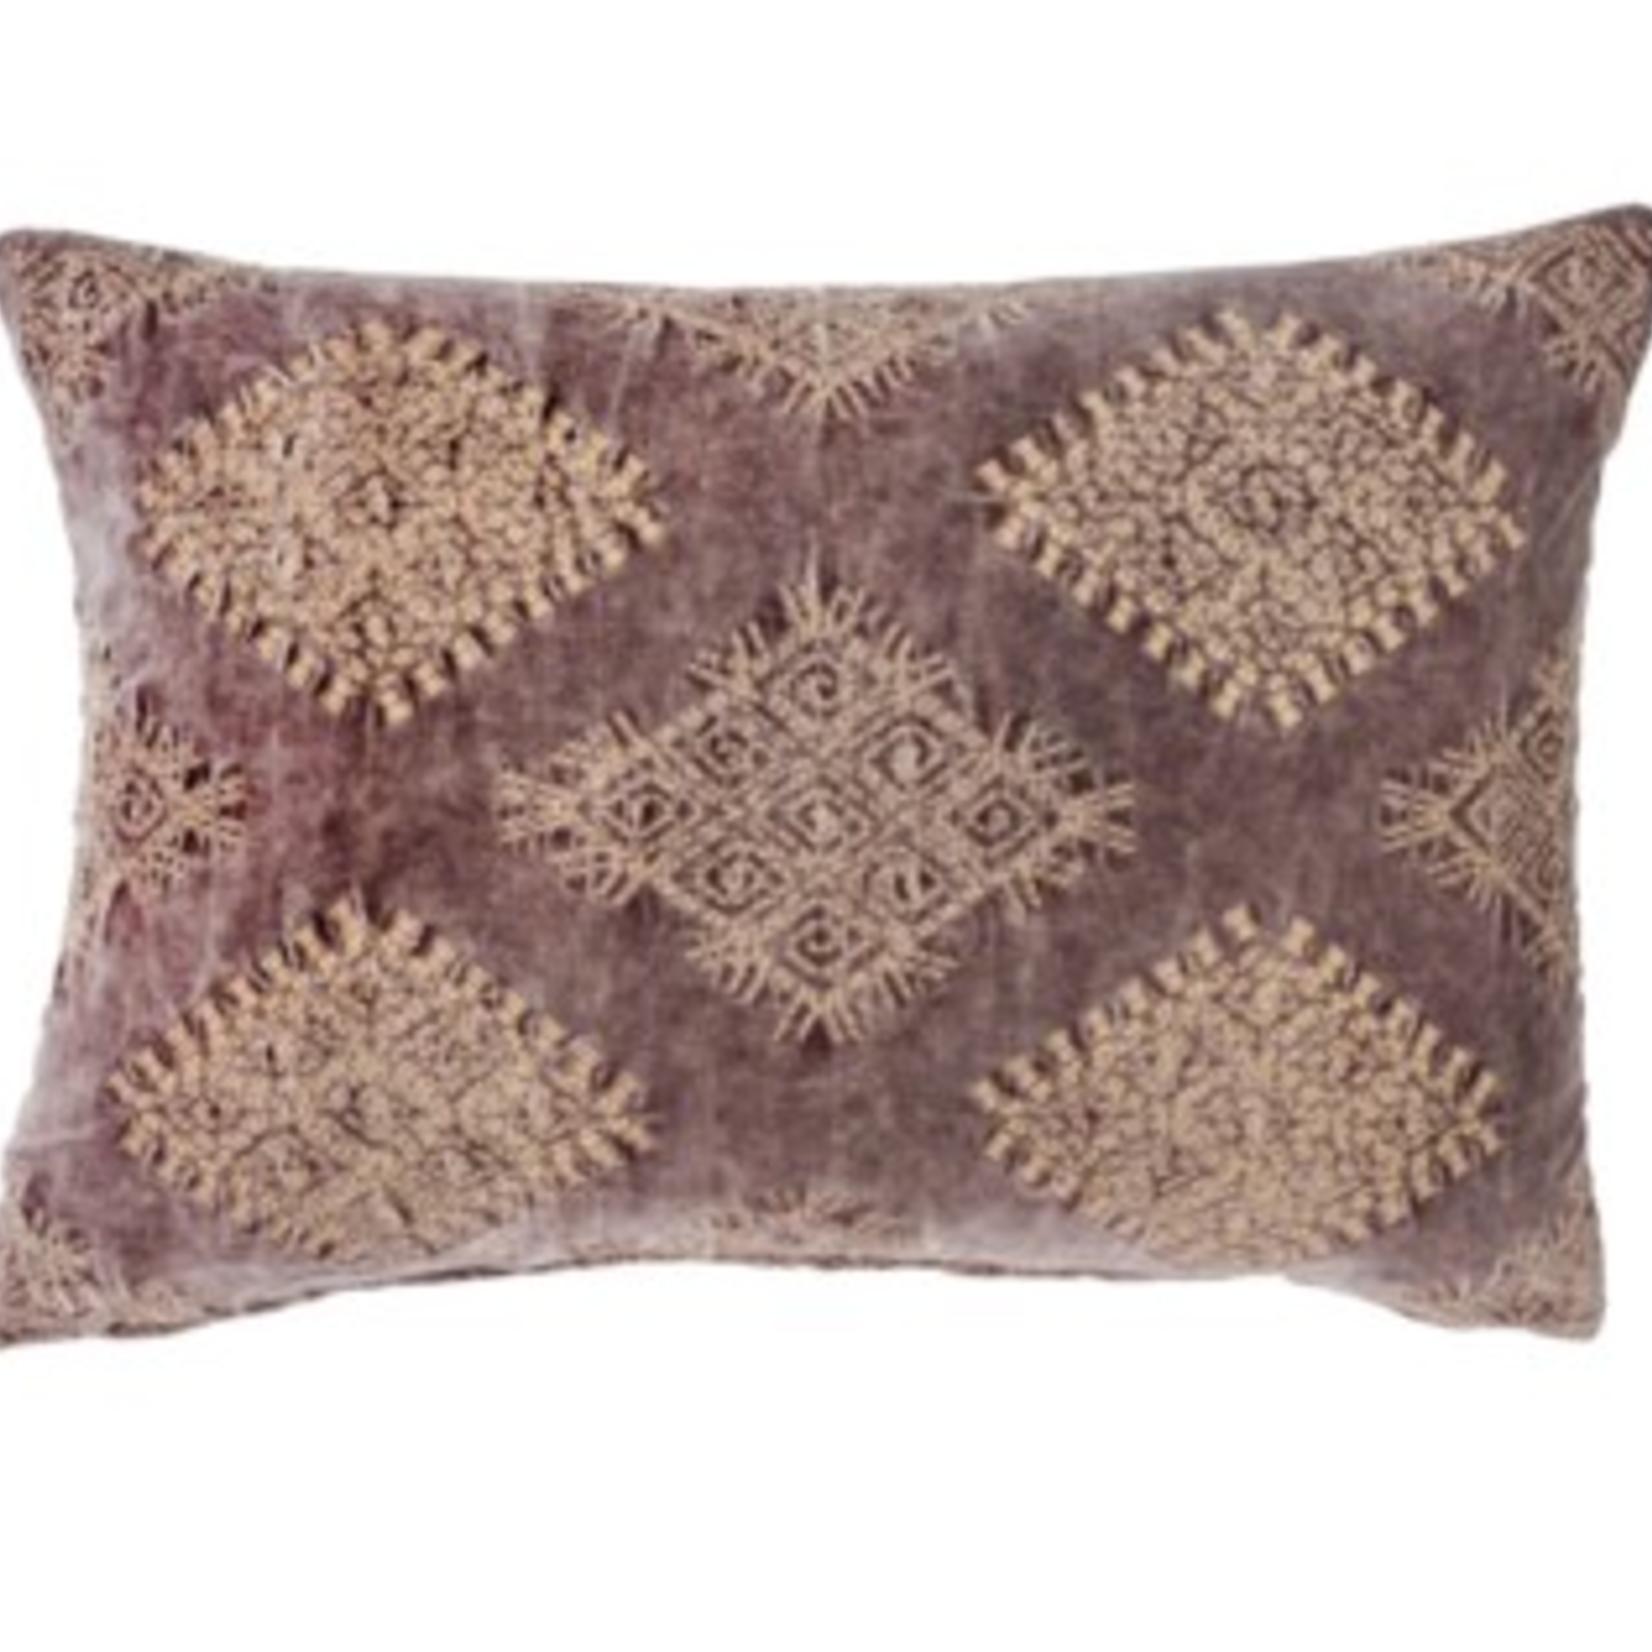 Vivi Velvet Pillow 16x24